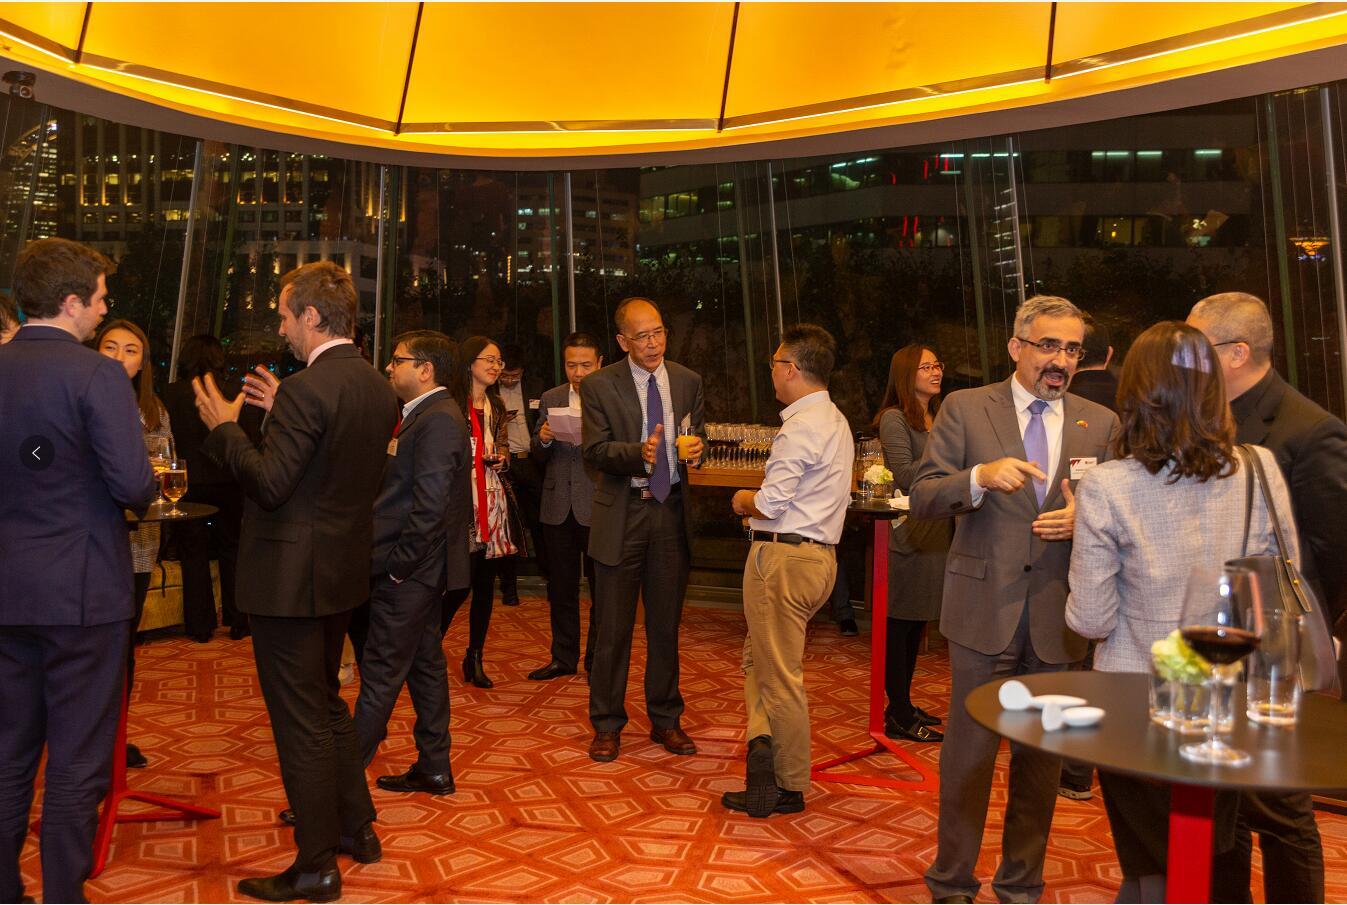 麦考瑞商学院与合作伙伴和校友在上海开展活动以加强合作